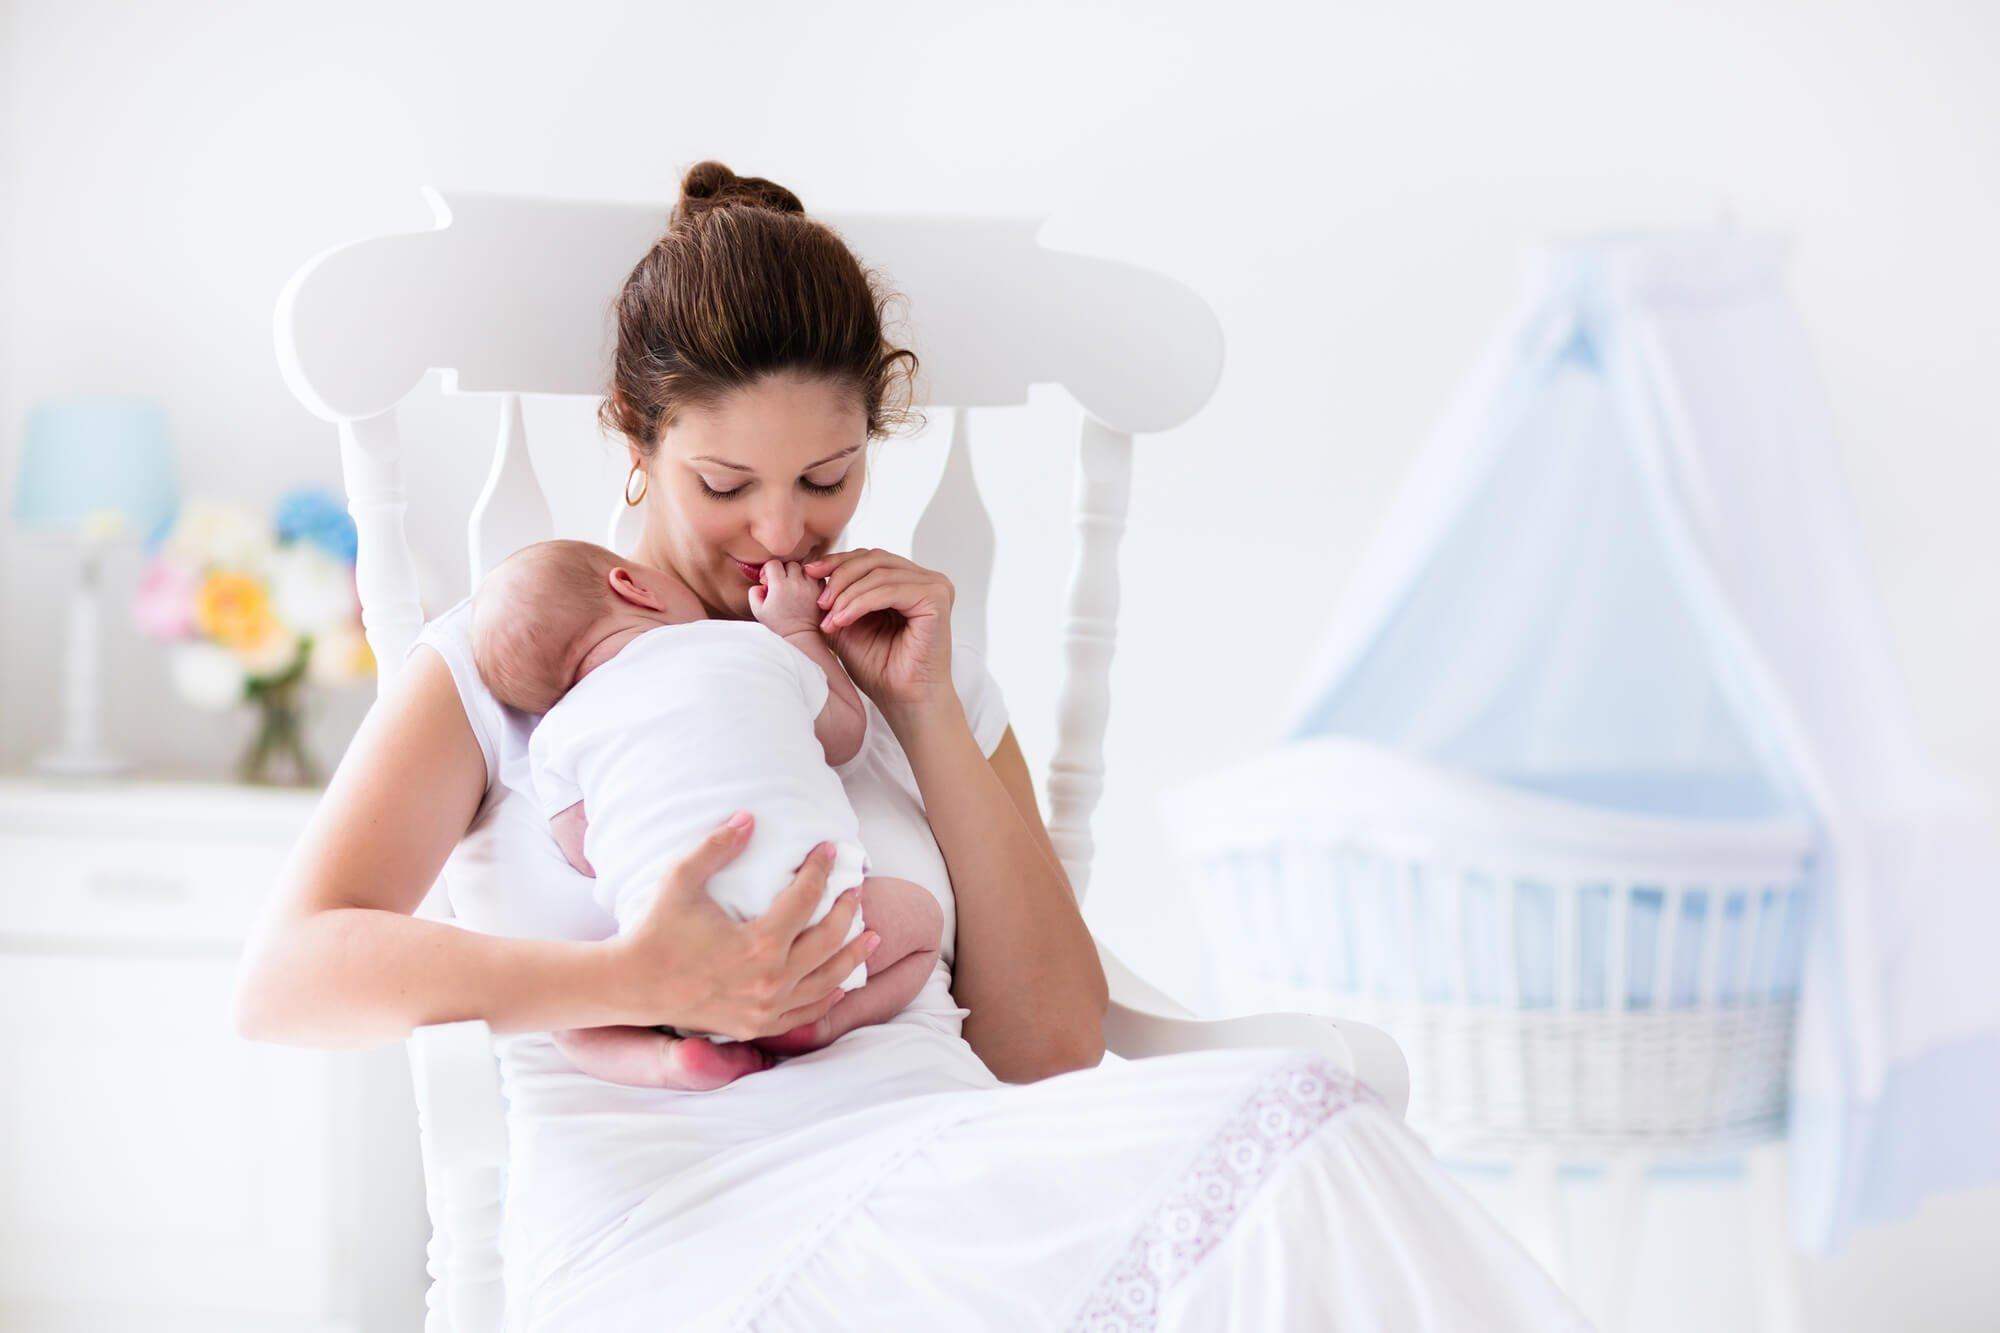 Pielęgnacja biustu a karmienie piersią – czy można zaszkodzić dziecku?